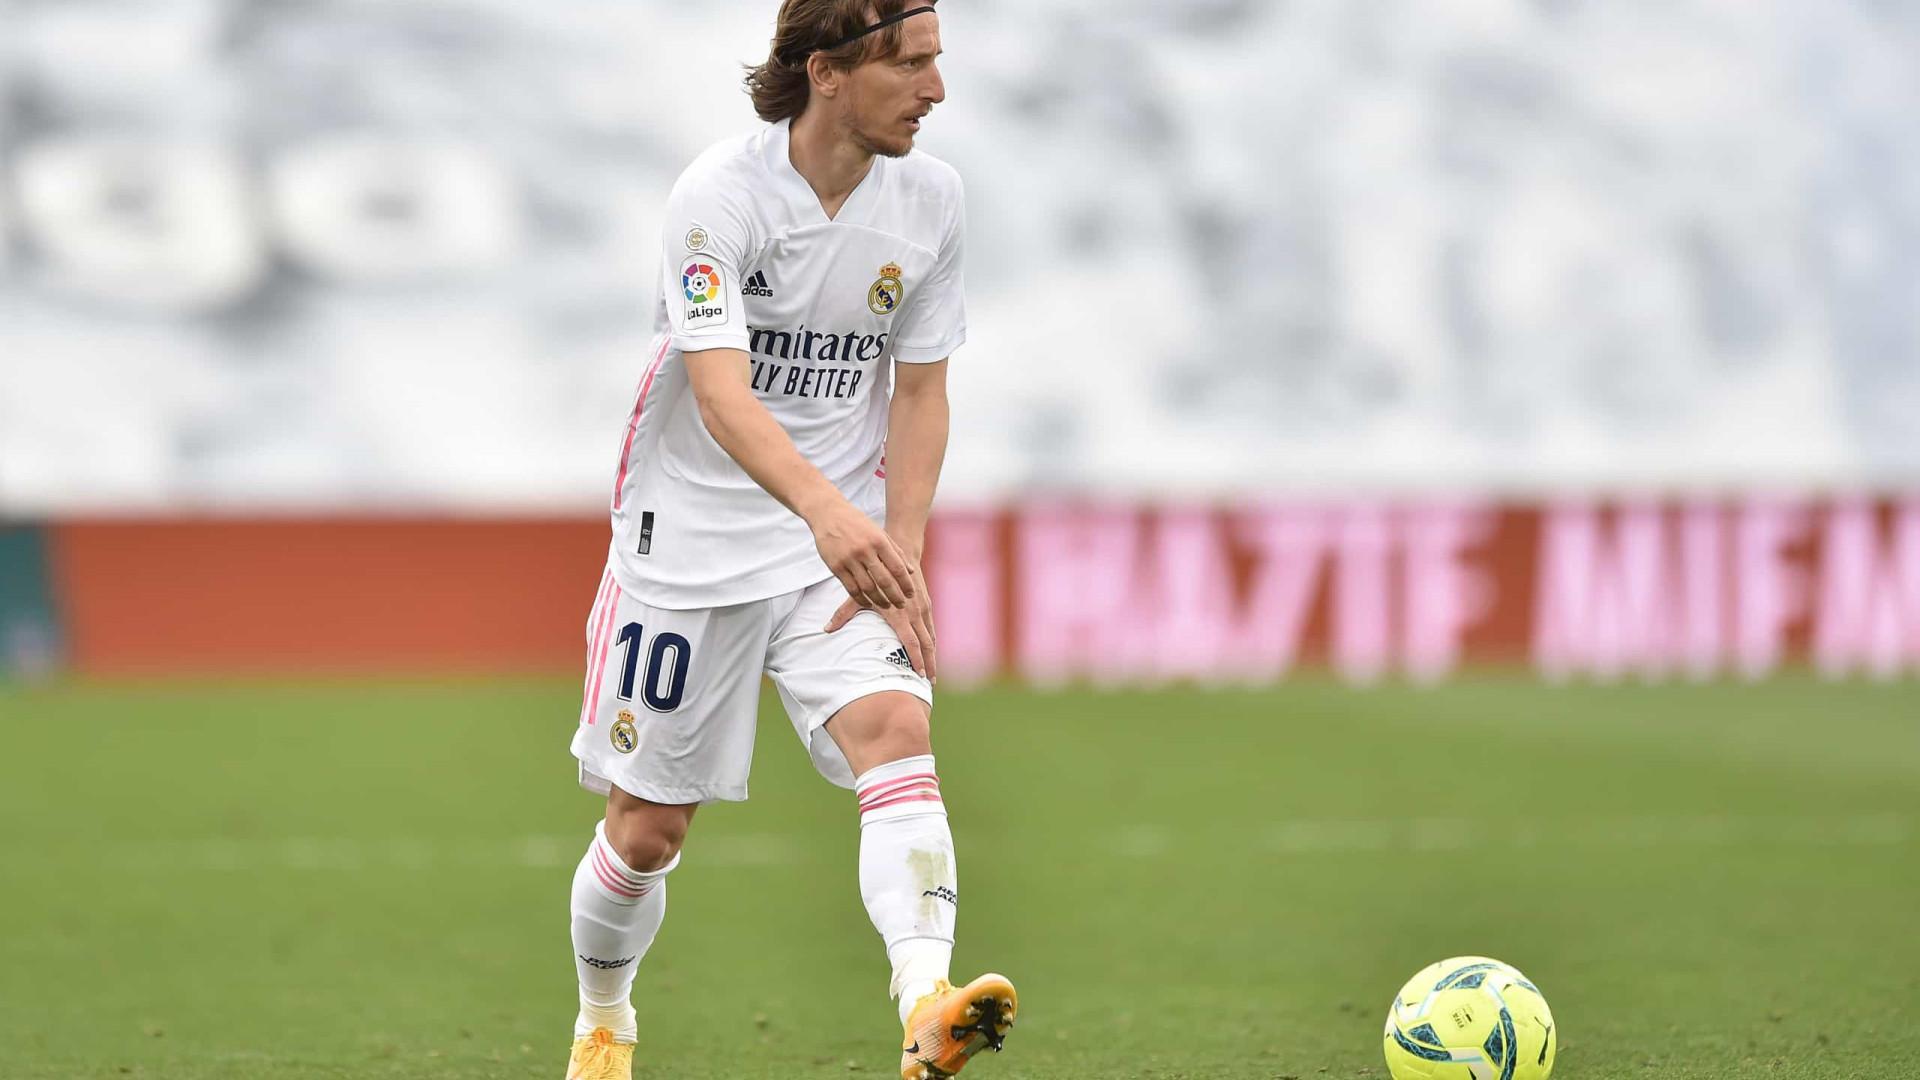 Luka Modric renova contrato com Real Madrid por mais uma temporada